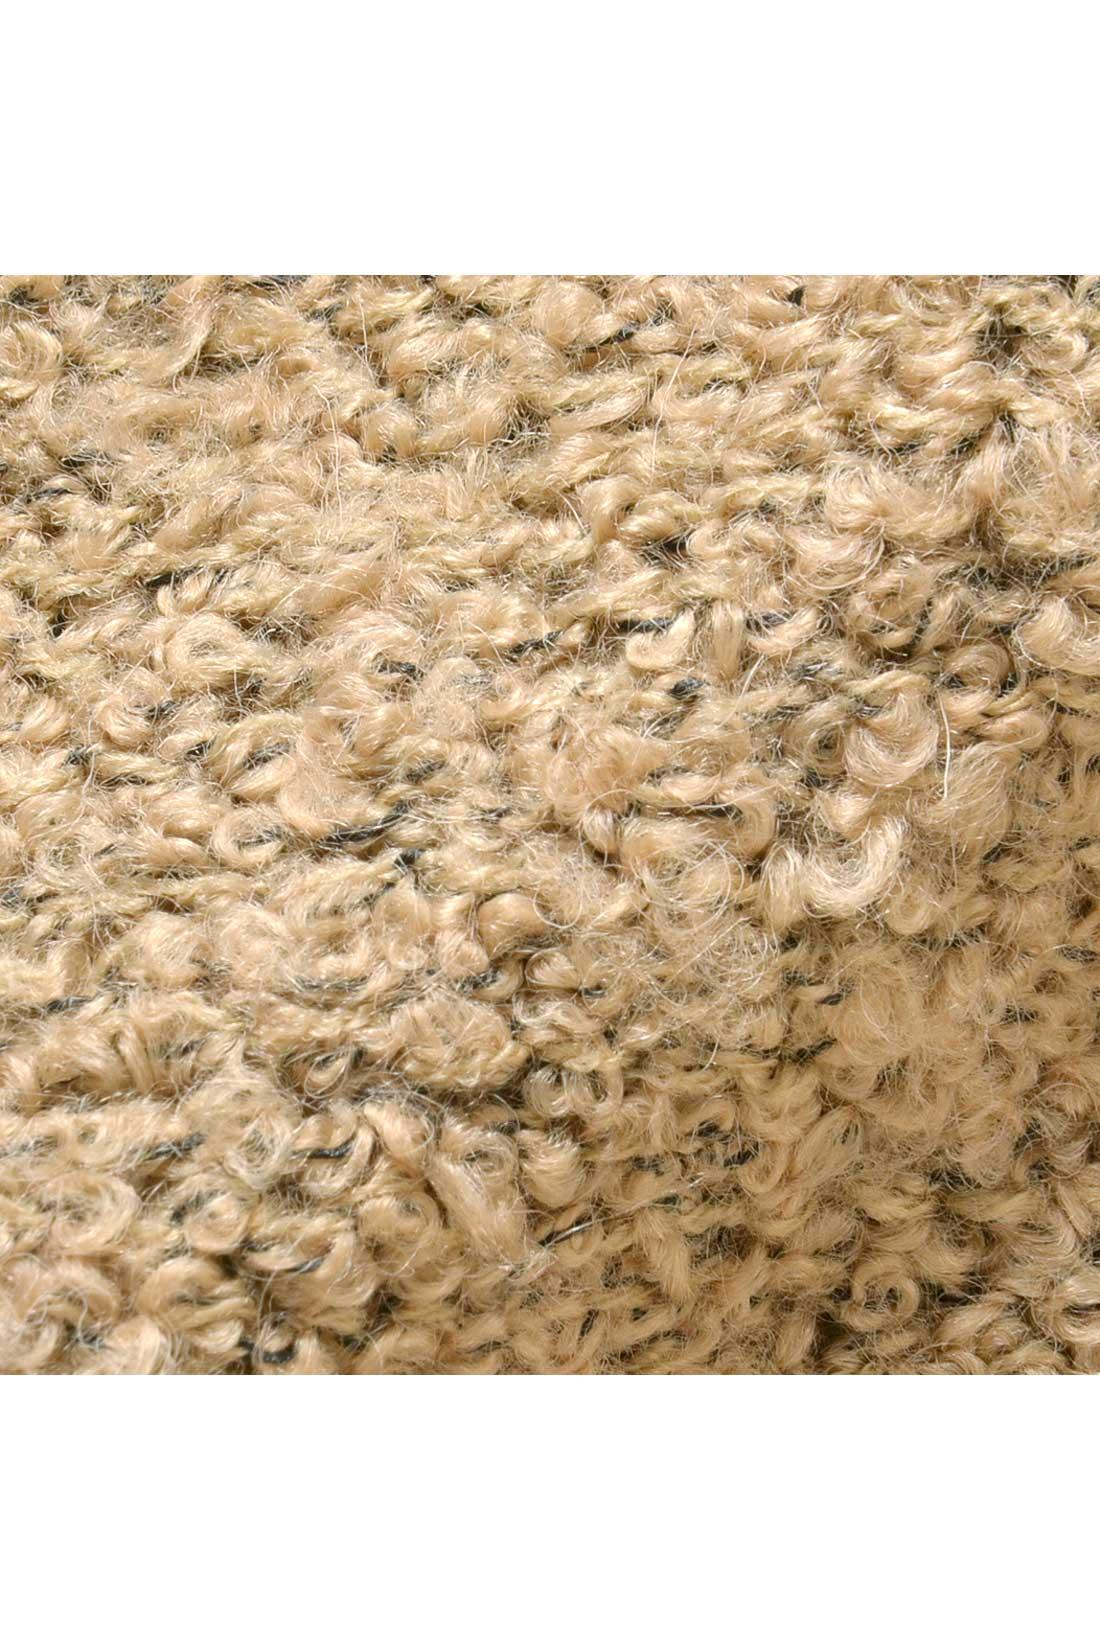 ぽこぽこしたループヤーンを編み上げた、ふんわりやわやかな肌ざわり。